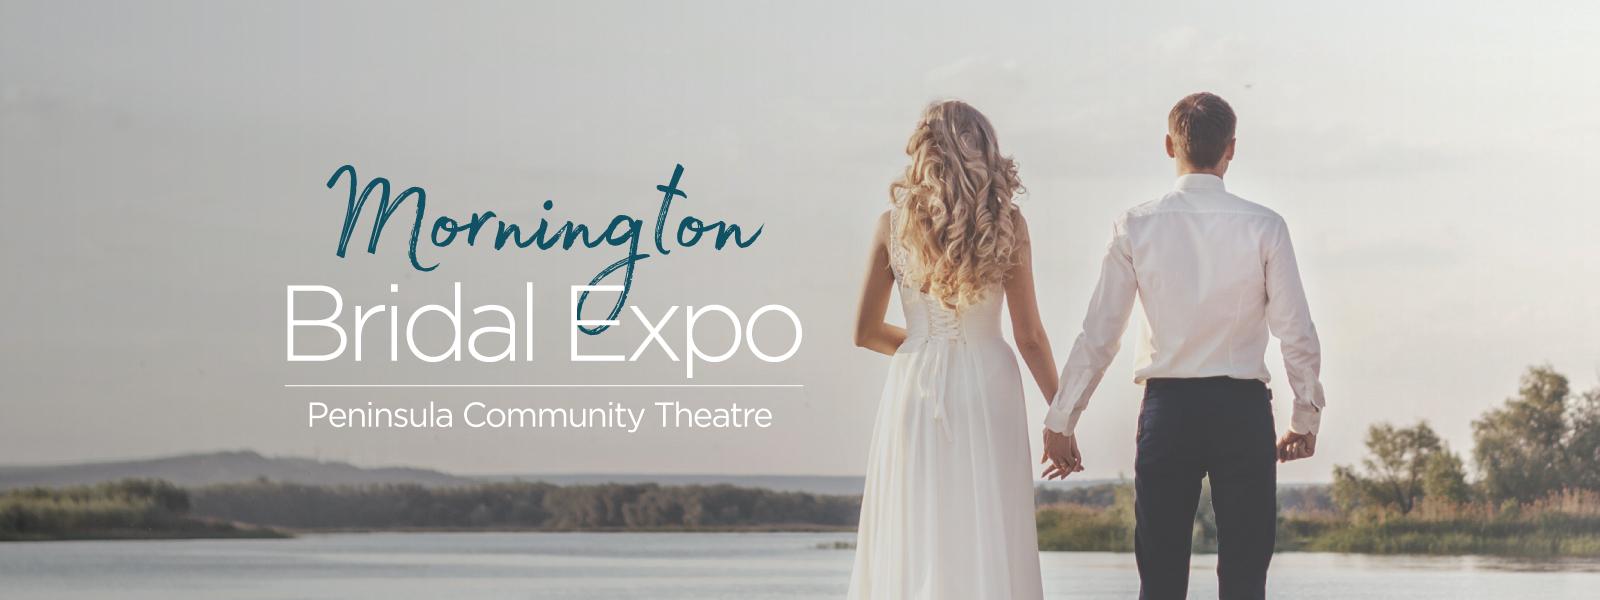 Mornington Bridal Expo March 2022